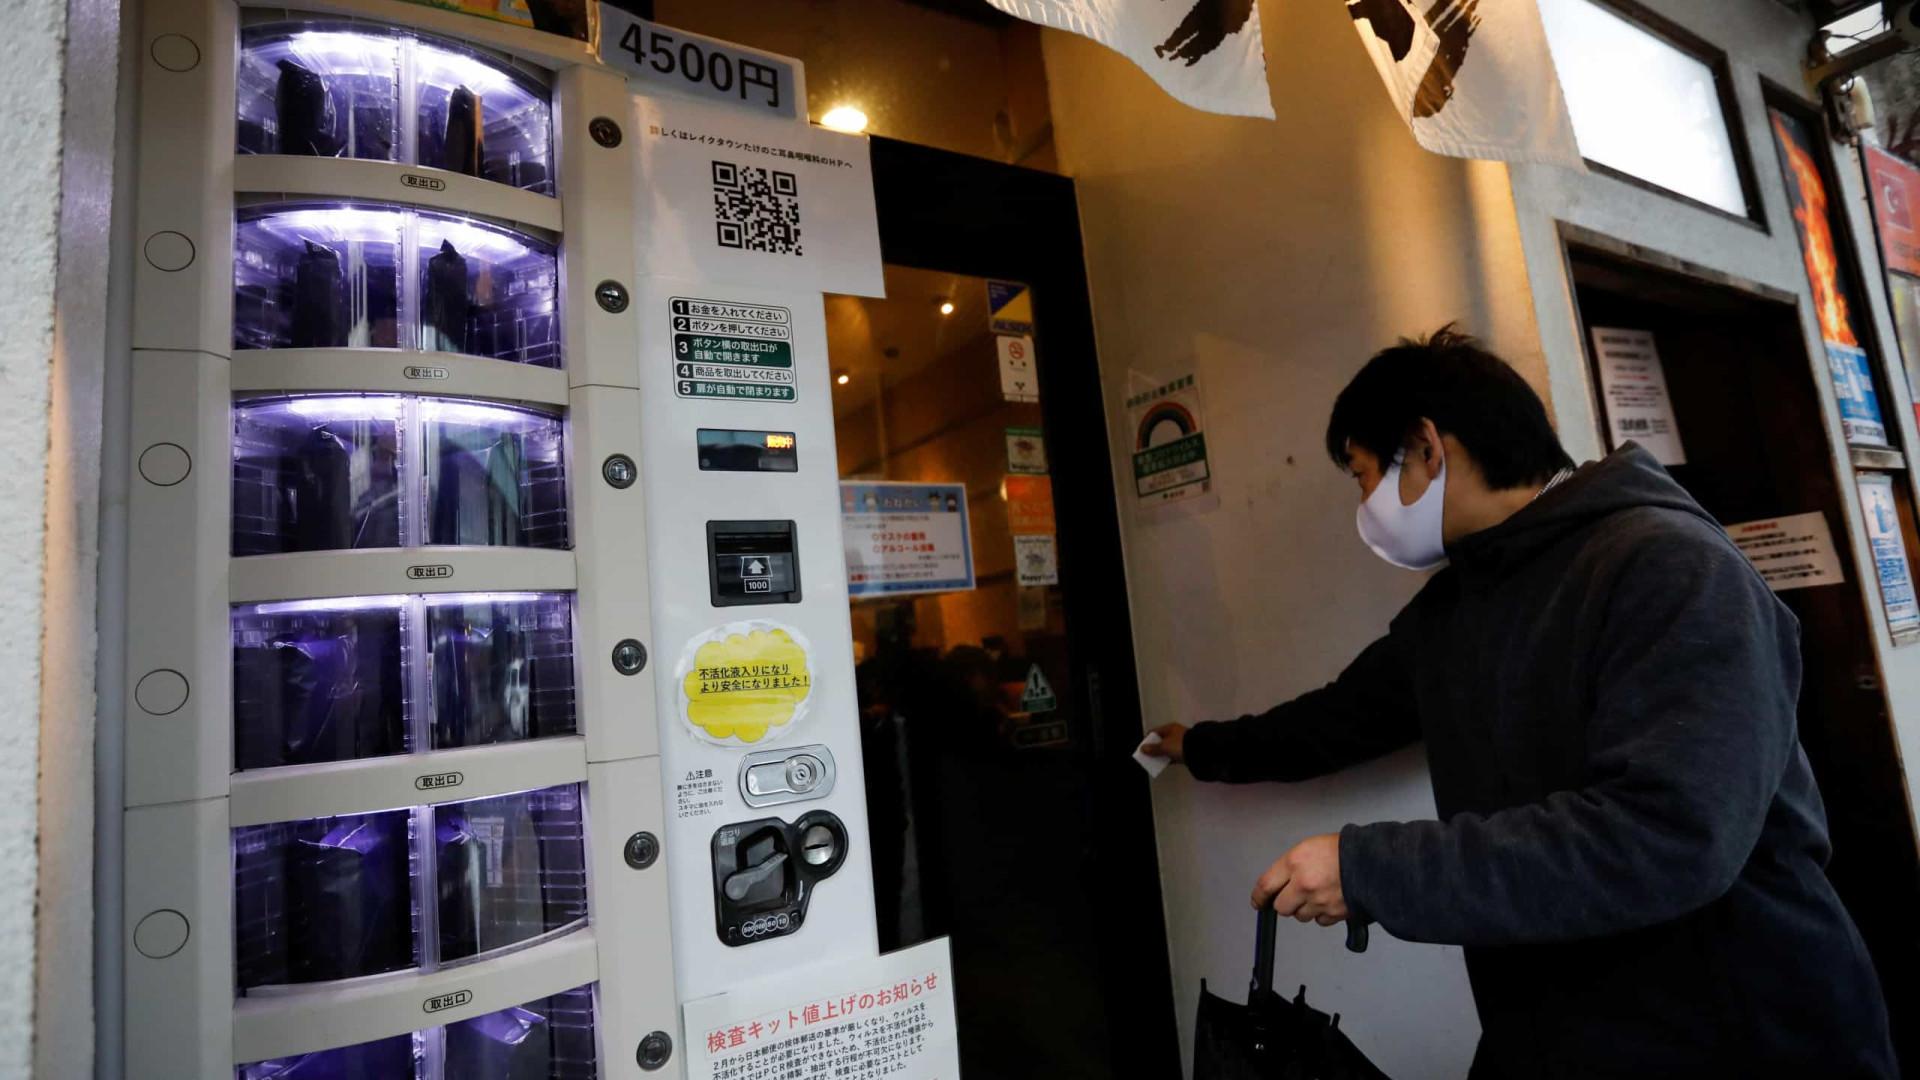 Japão. Máquinas de venda automática ajudam no acesso a testes à Covid-19